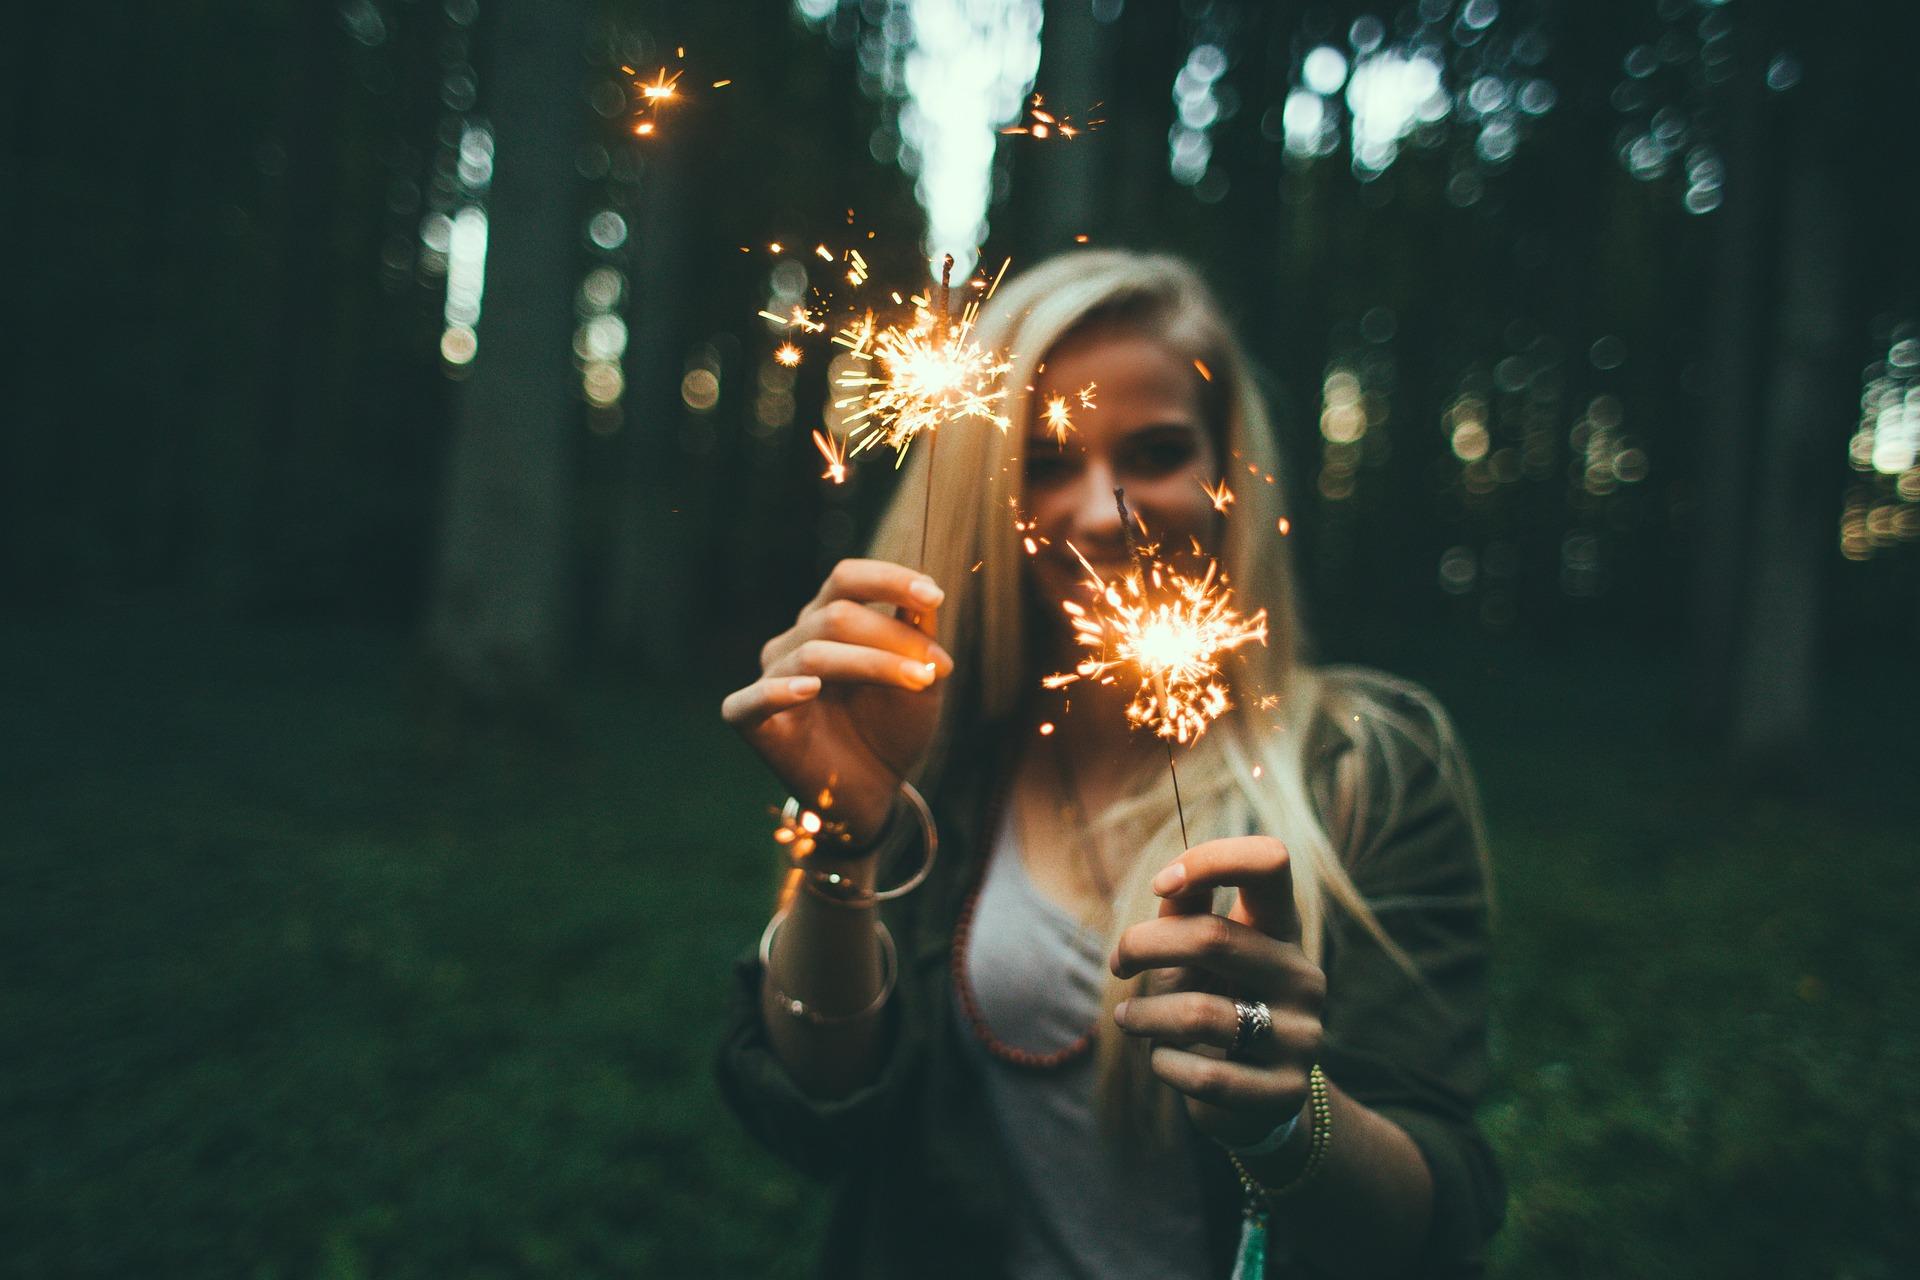 Junge Frau mit Wunderkerzen vor einem Wald